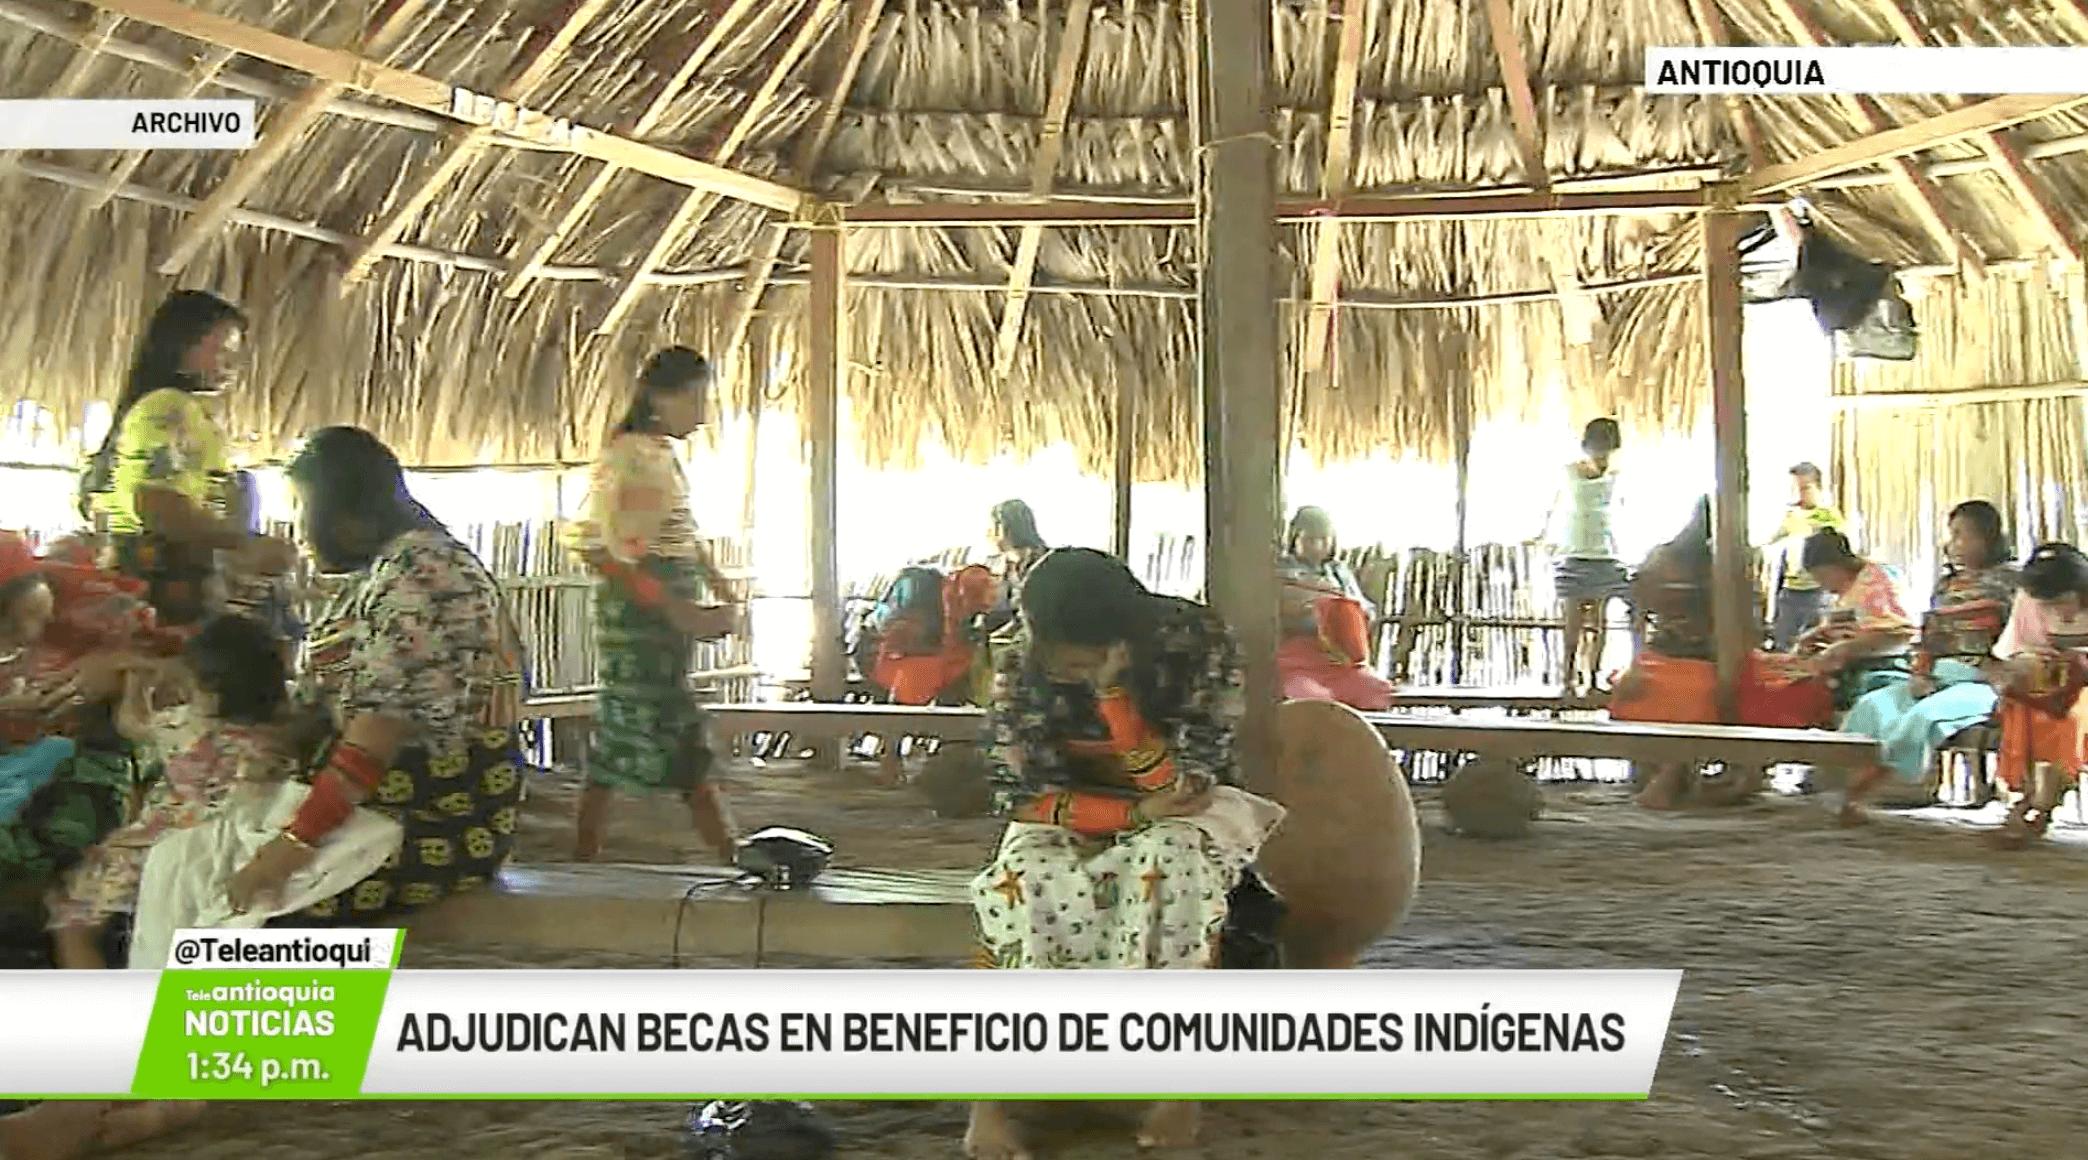 Adjudican becas en beneficio de comunidades indígenas